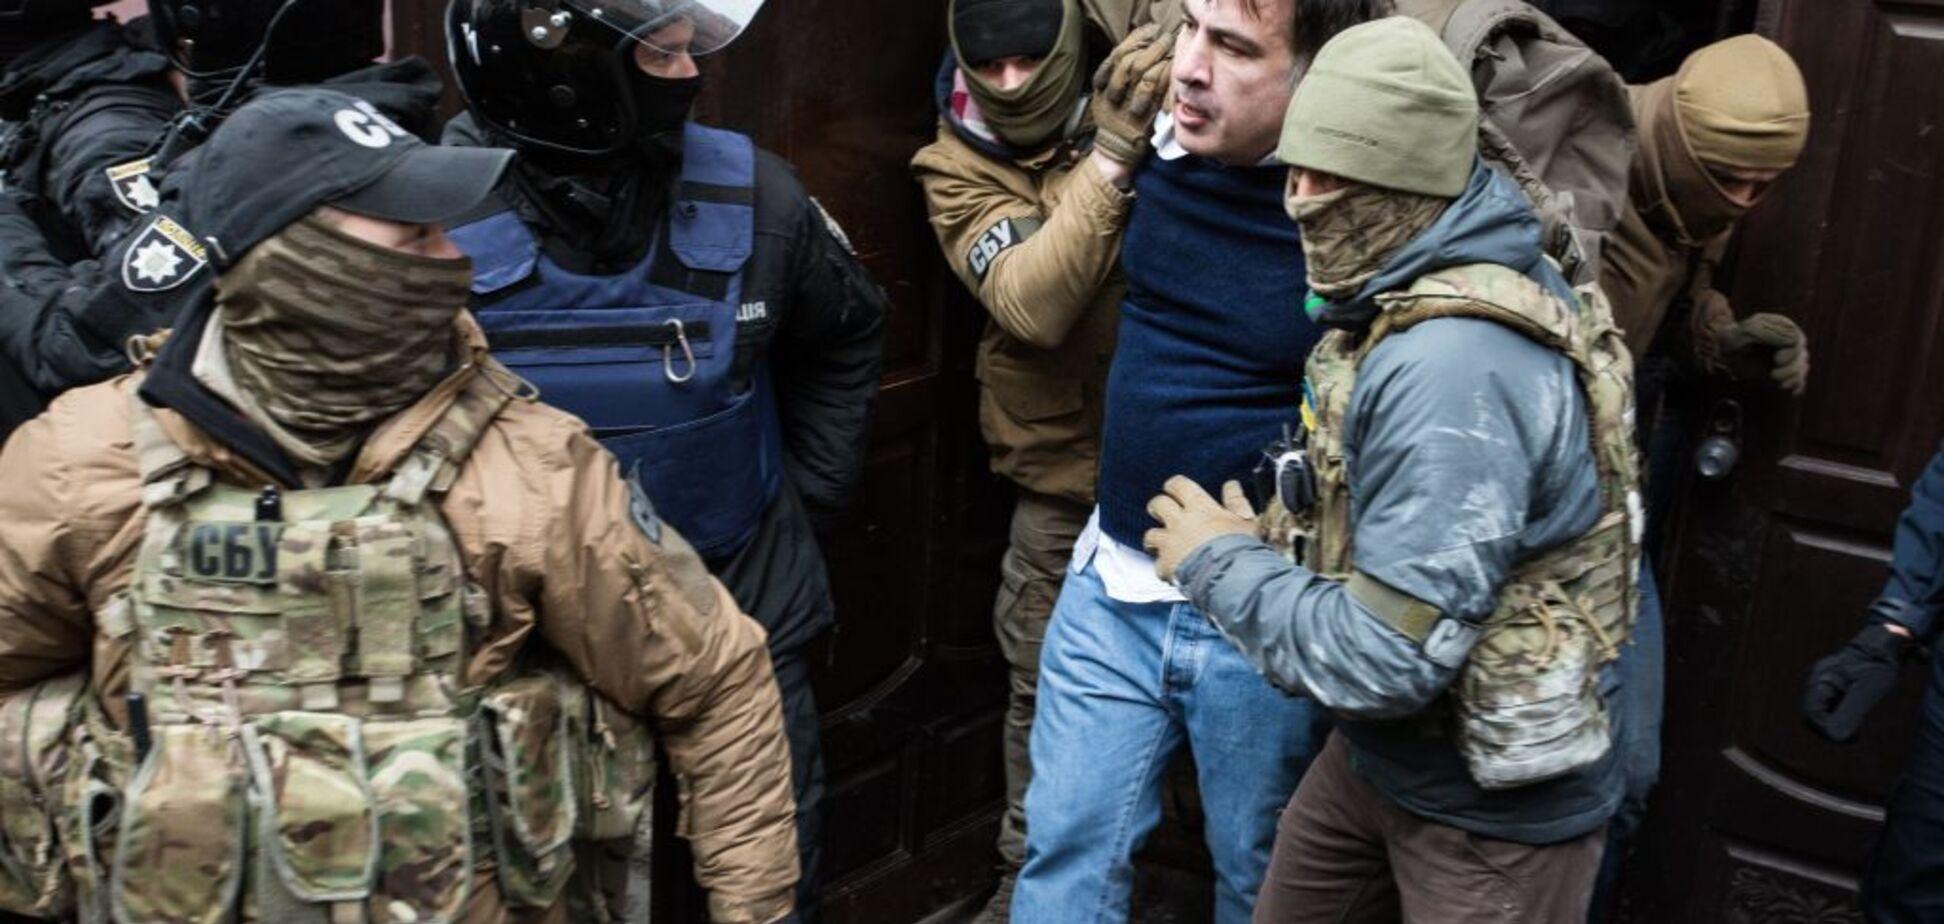 Затримання Саакашвілі: стало відомо про постраждалих